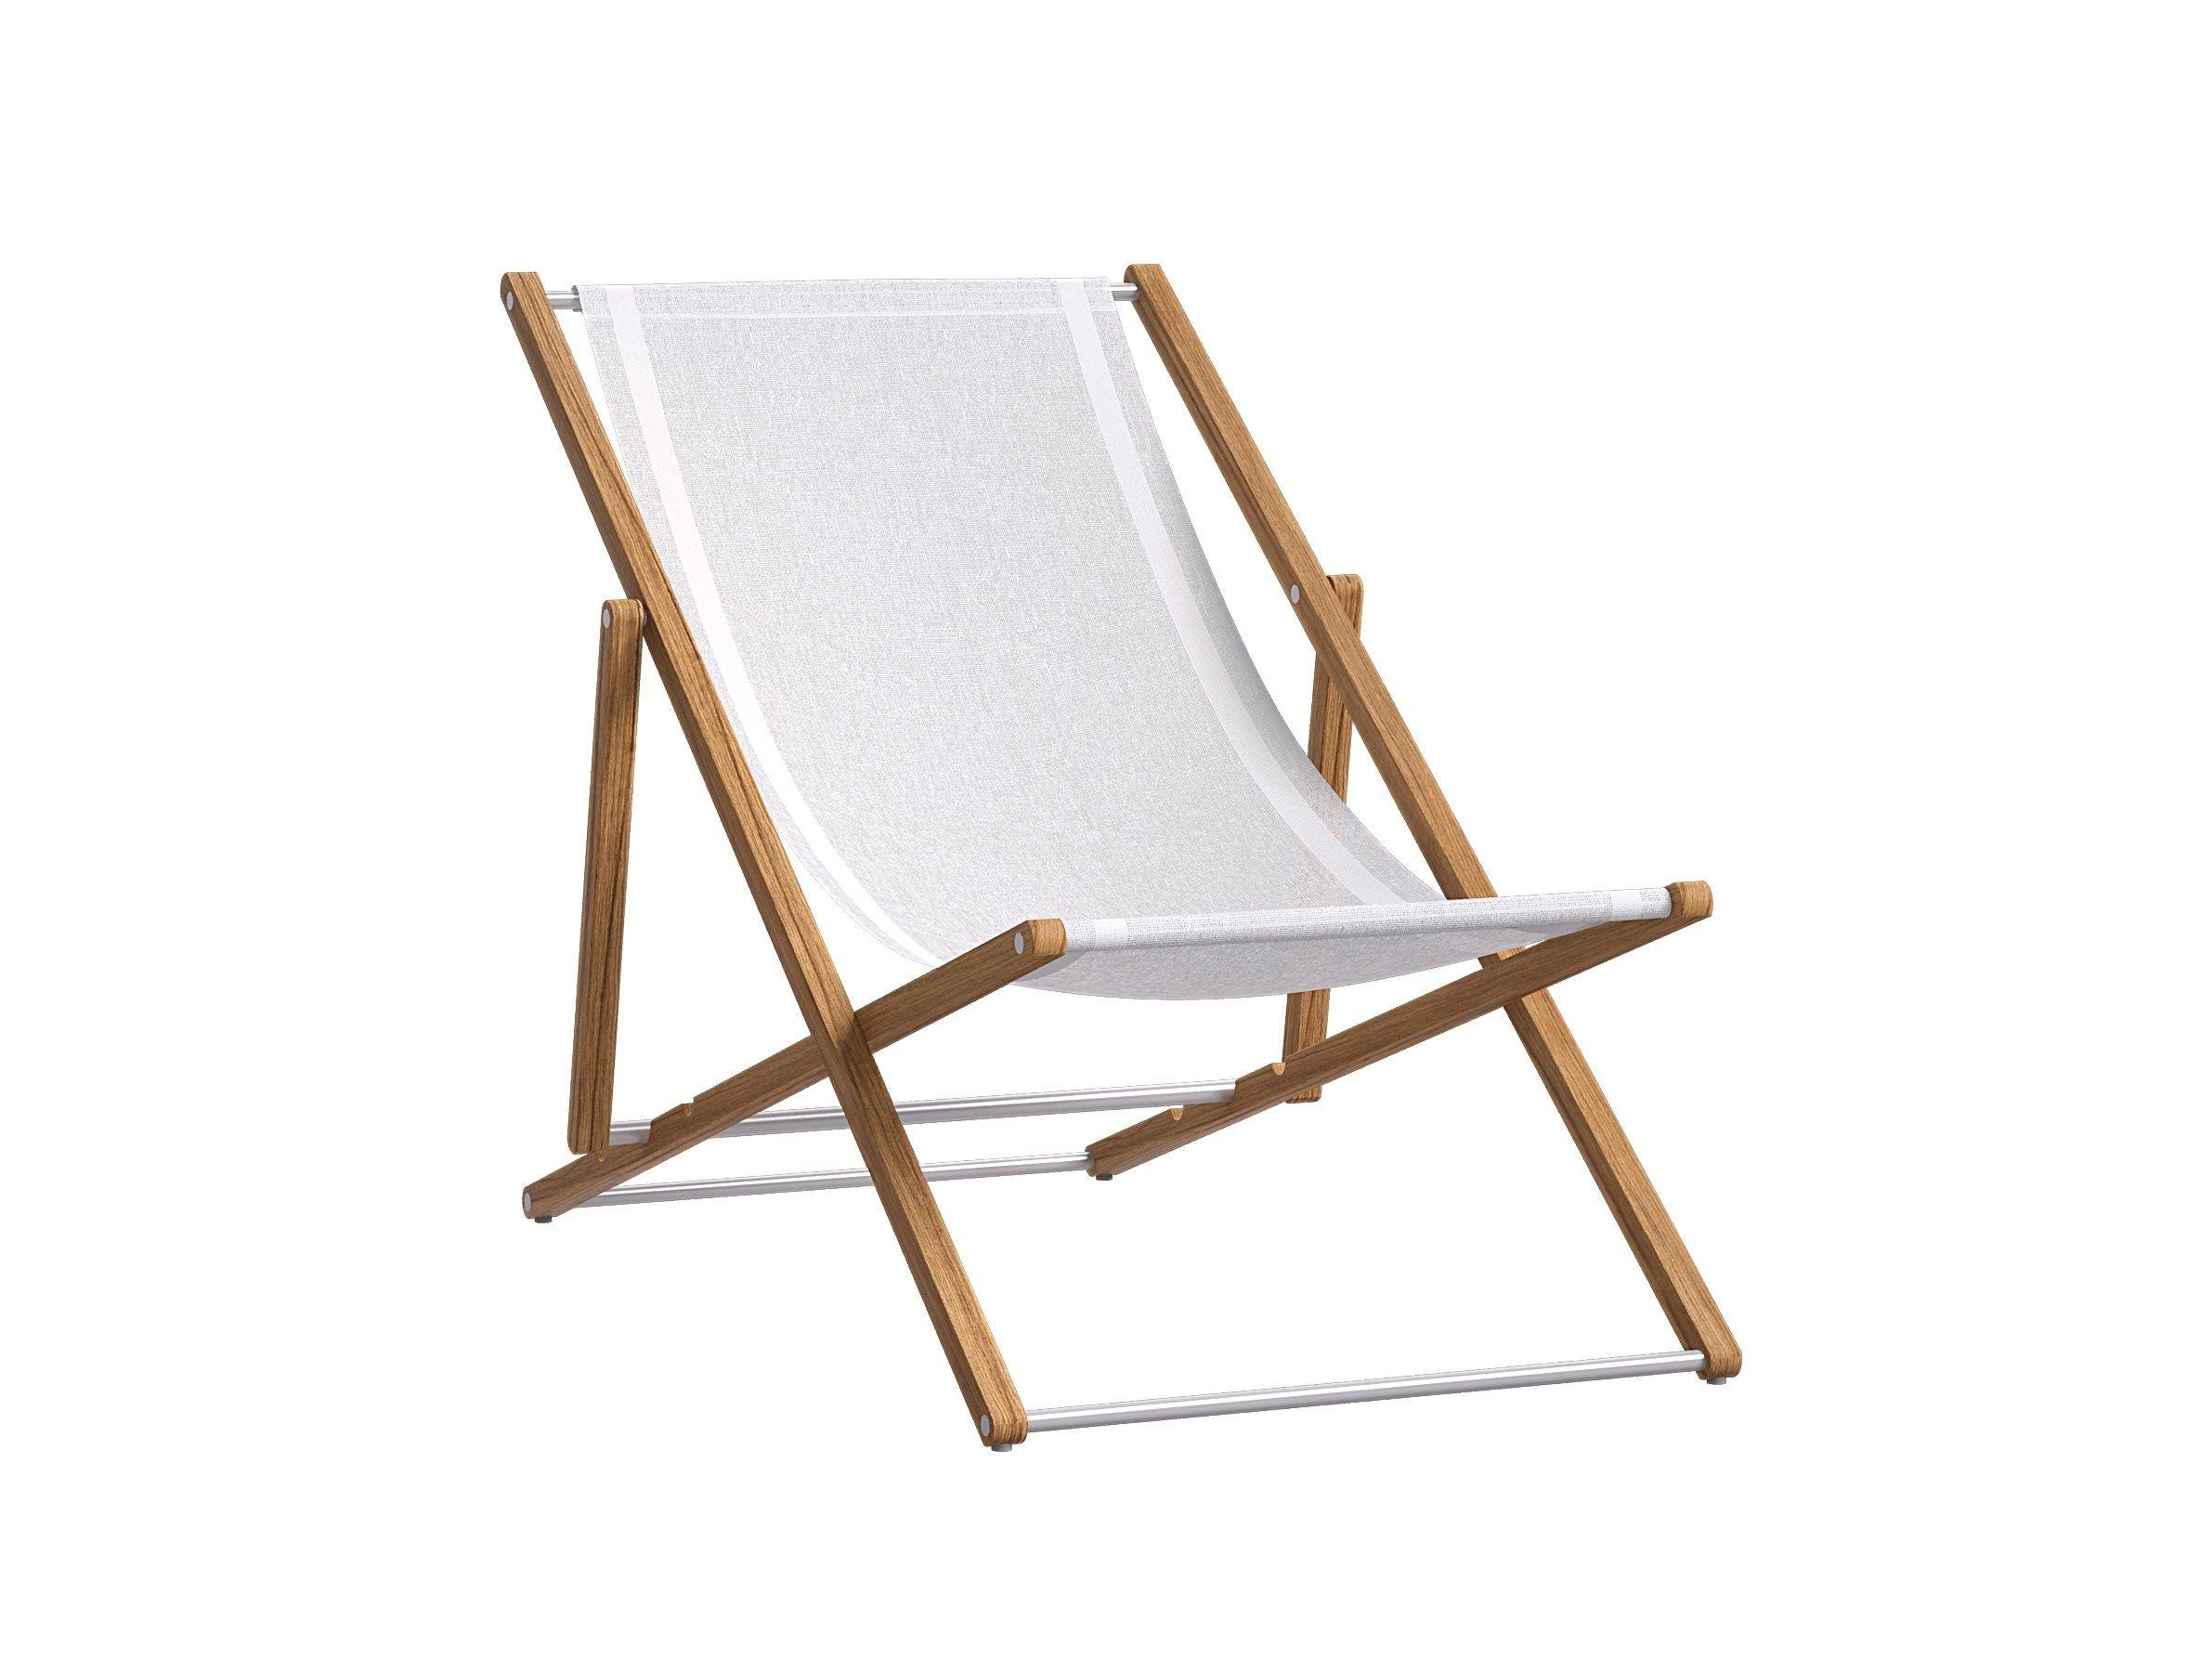 Verstellbarer Liegestuhl aus Textilene mit Armlehnen | Liegen ...